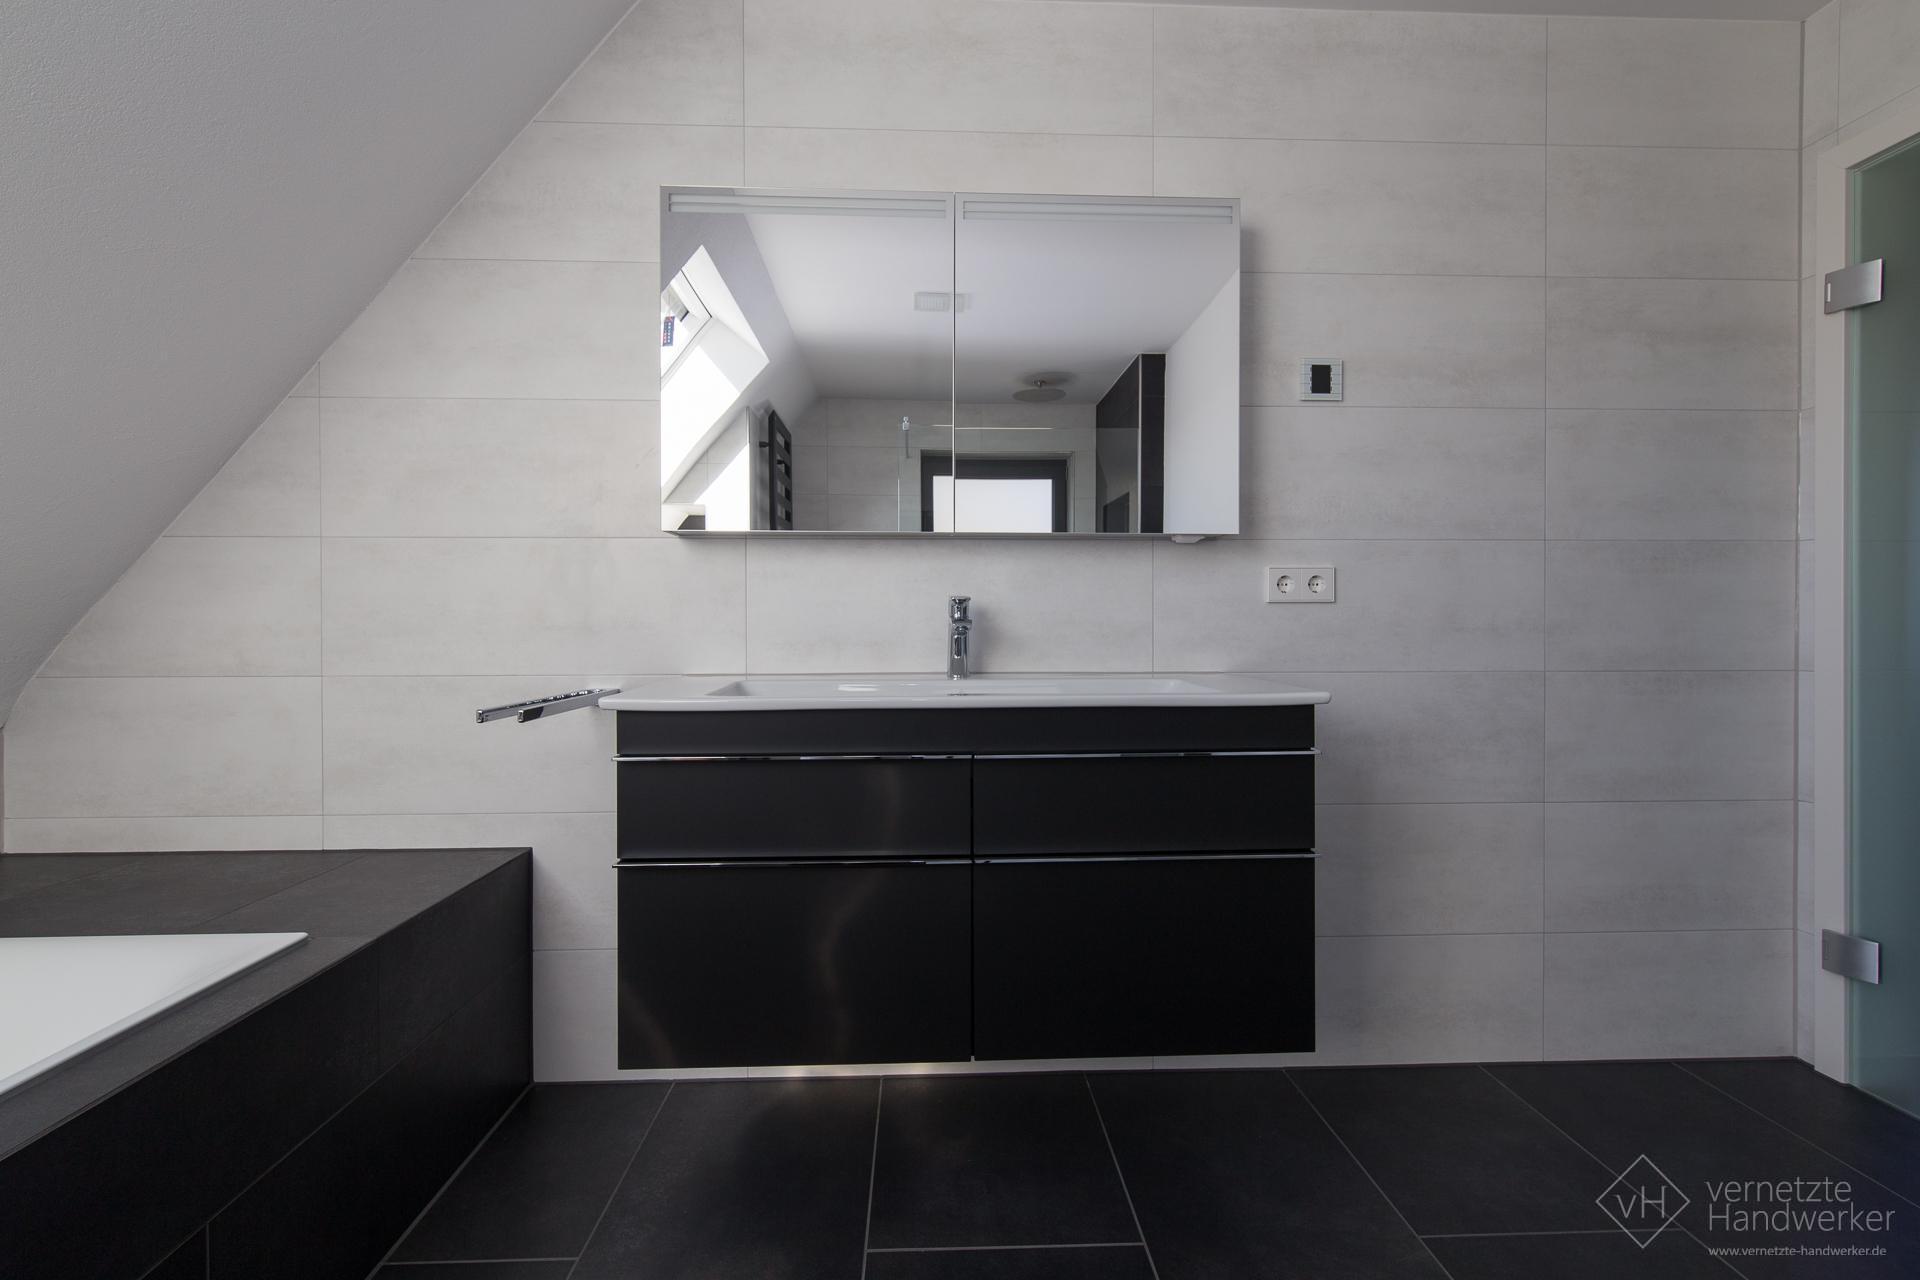 bad 1 vh vernetzte handwerker. Black Bedroom Furniture Sets. Home Design Ideas